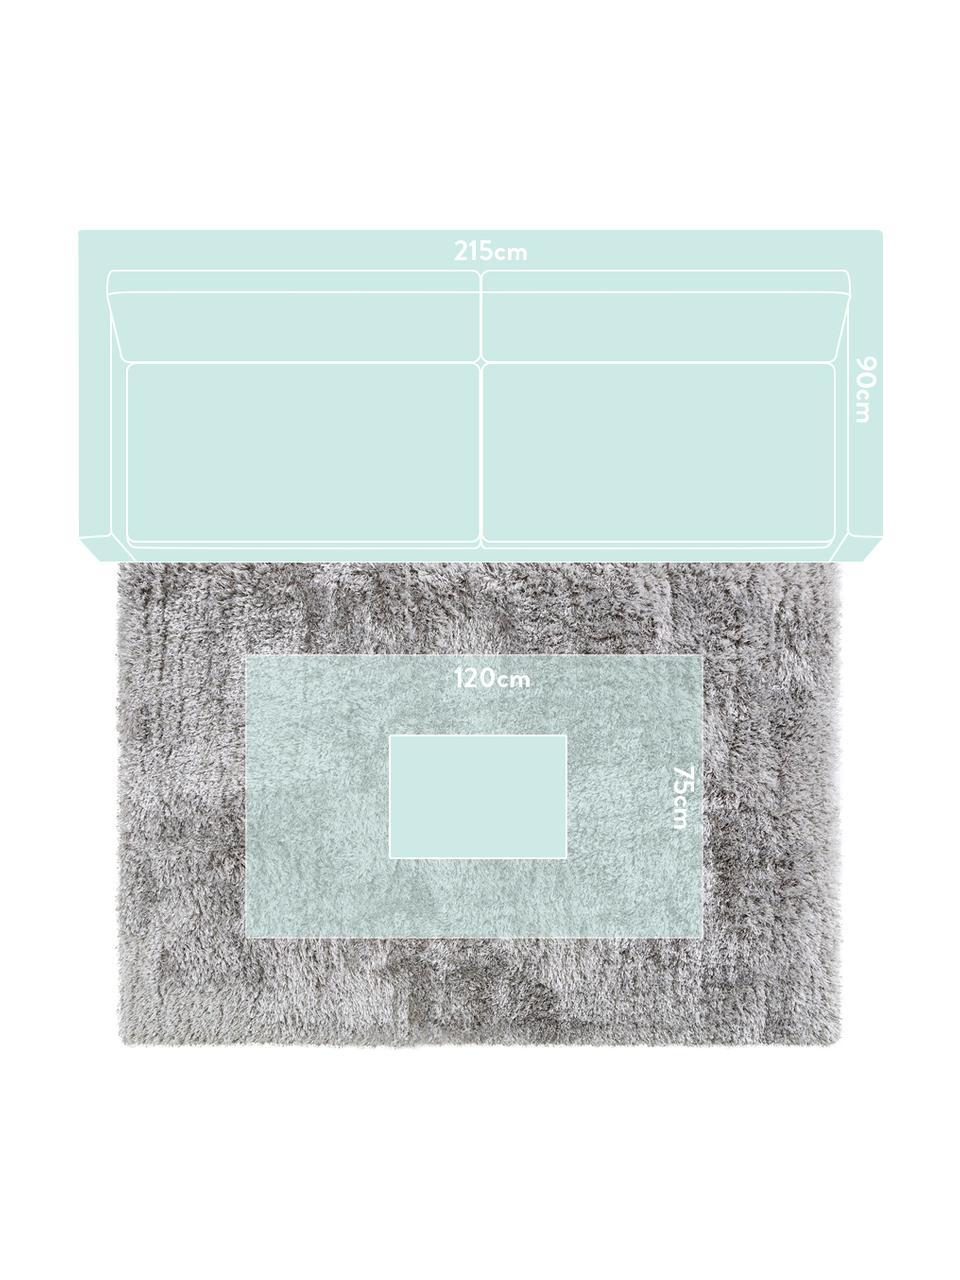 Glänzender Hochflor-Teppich Lea in Hellgrau, Flor: 50% Polyester, 50% Polypr, Grau, B 300 x L 400 cm (Größe XL)